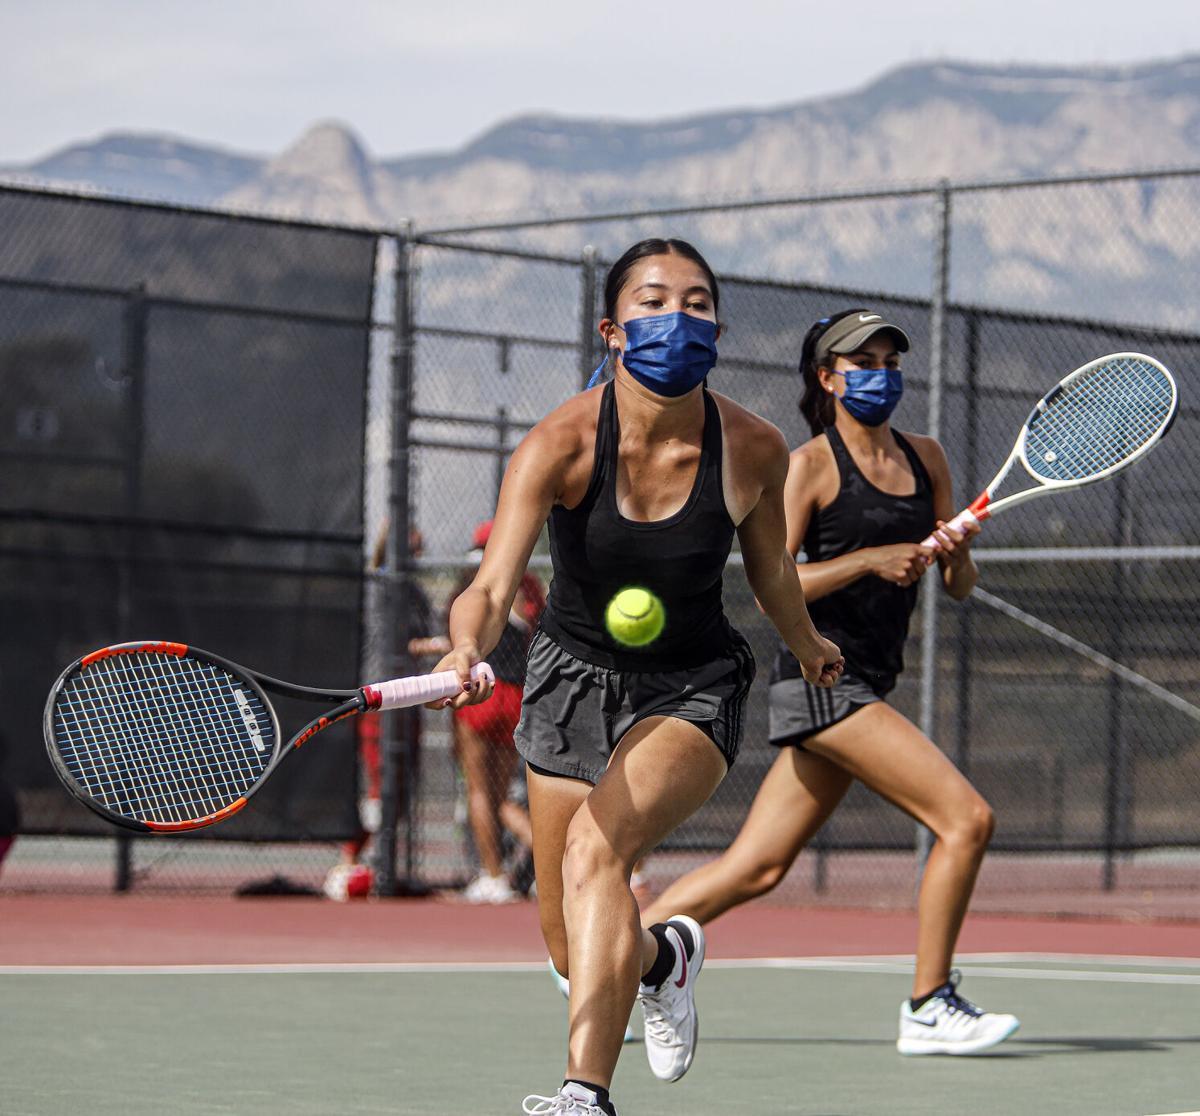 061021_Tennis02-rgb.jpg